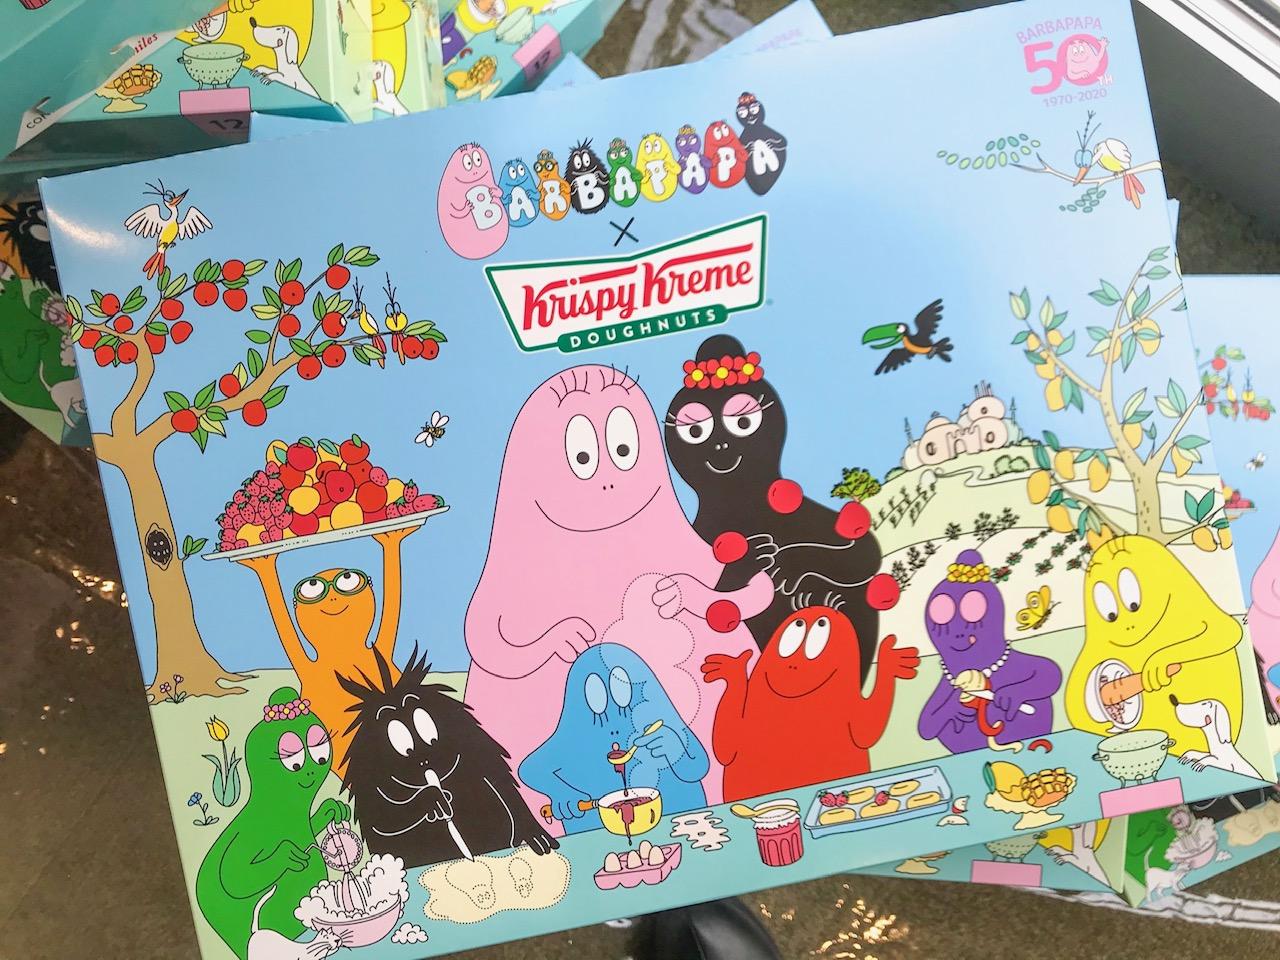 『クリスピー・クリーム・ドーナツ』の期間限定ドーナツに、バーバパパコラボが登場。可愛くてフルーティーな味わいにきゅん♡ PhotoGallery_1_2